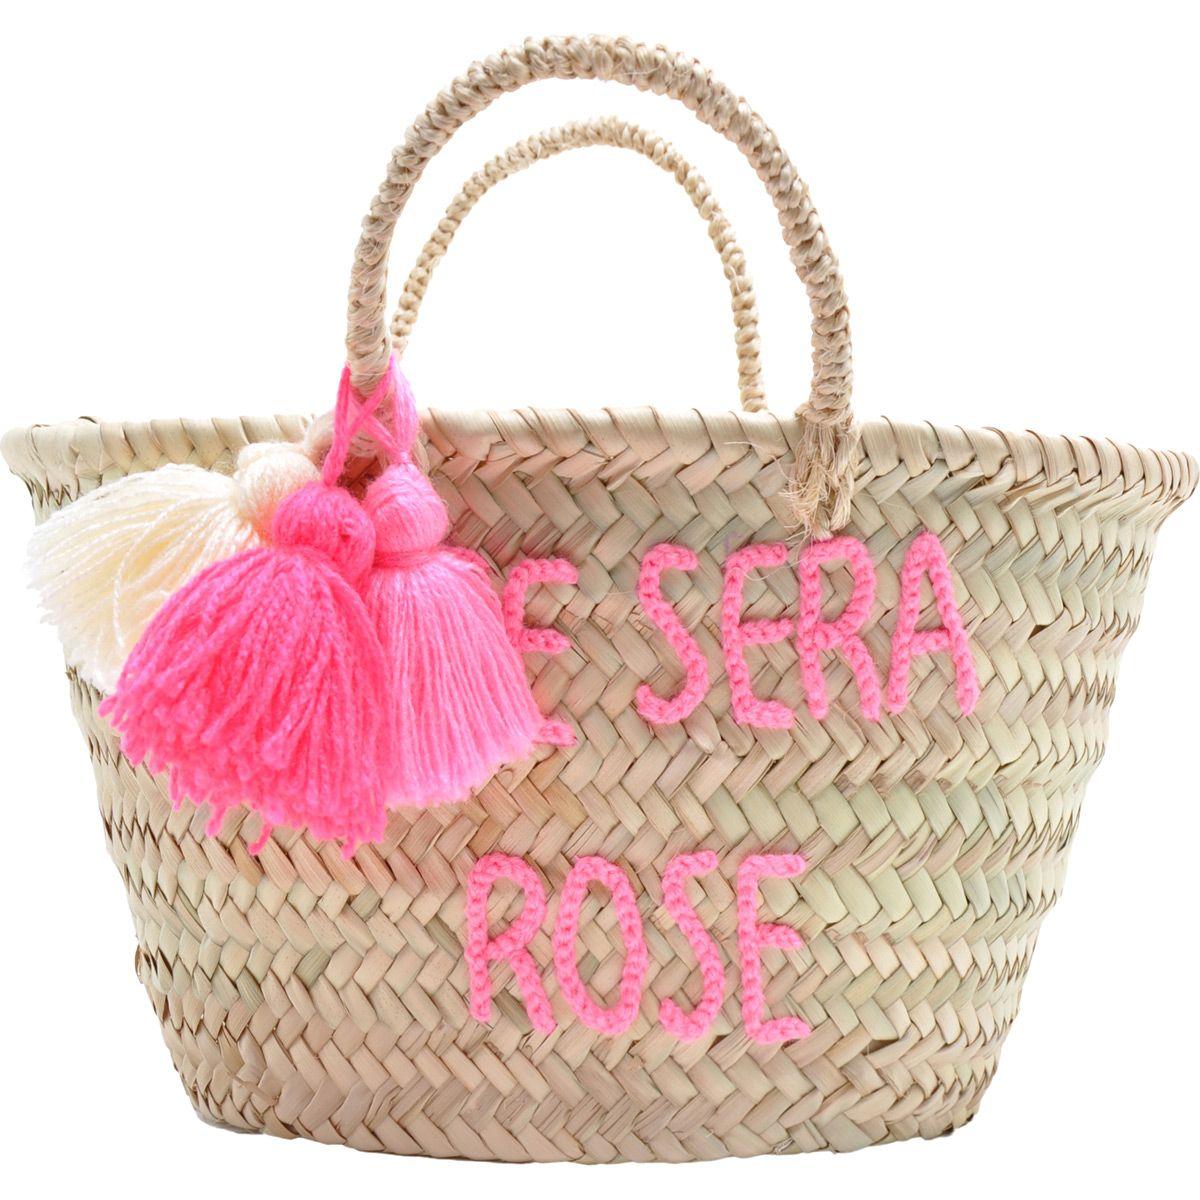 panier pompon brod l 39 t sera rose rose in april rose pink pinterest roses roses. Black Bedroom Furniture Sets. Home Design Ideas